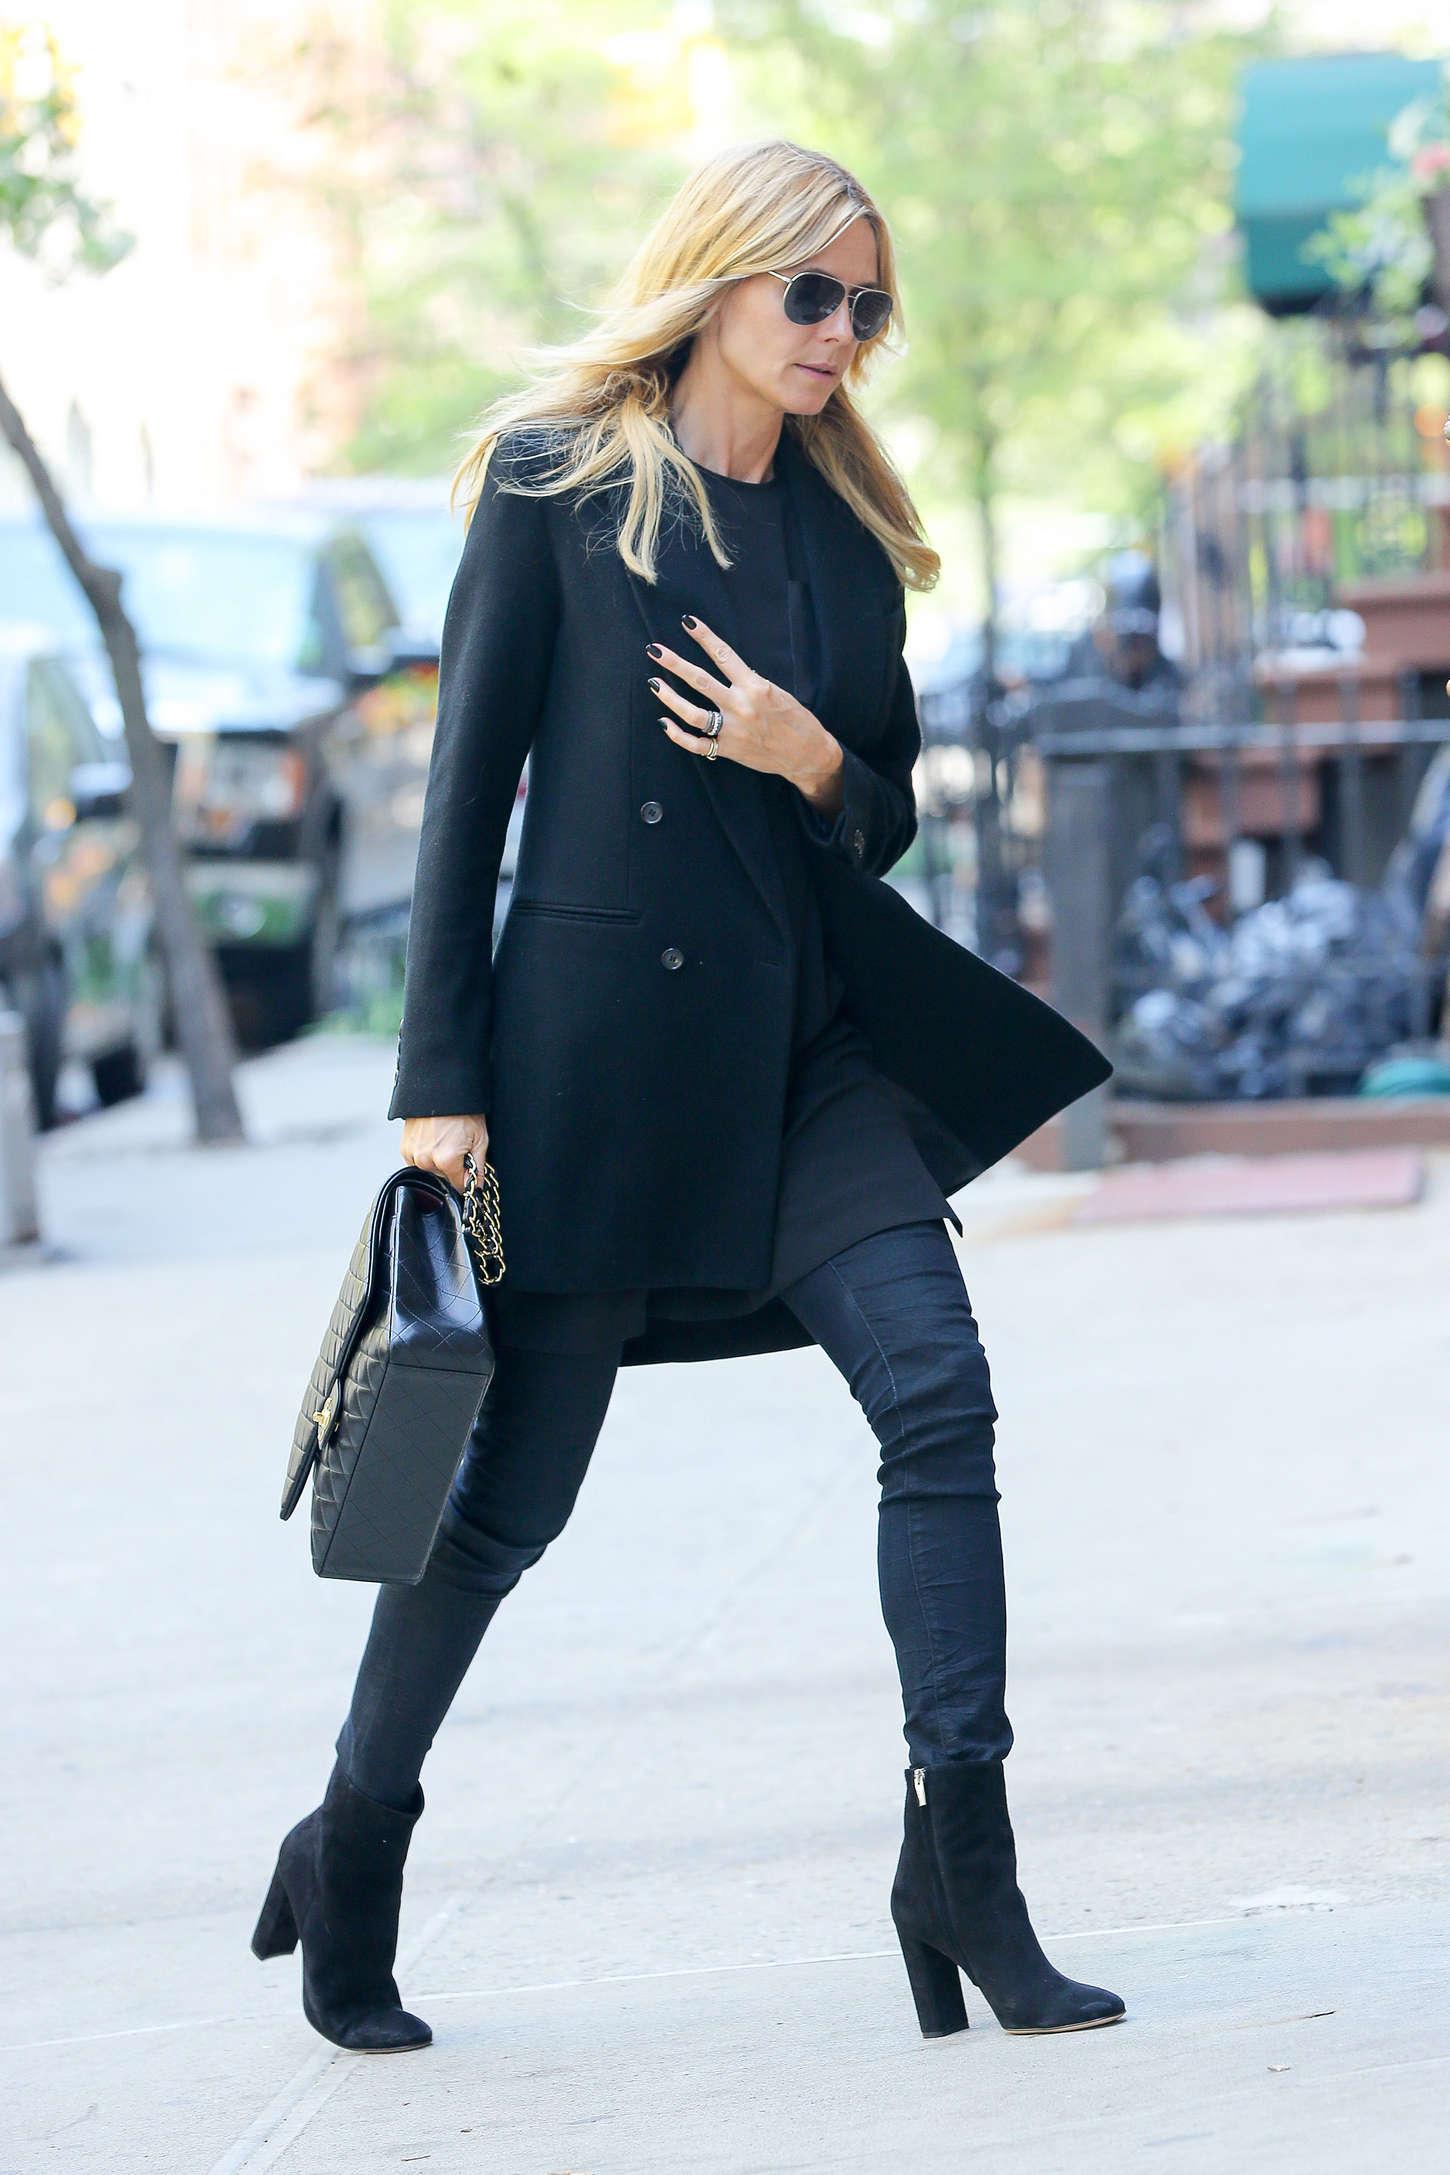 Heidi Klum 2015 : Heidi Klum in jeans -01